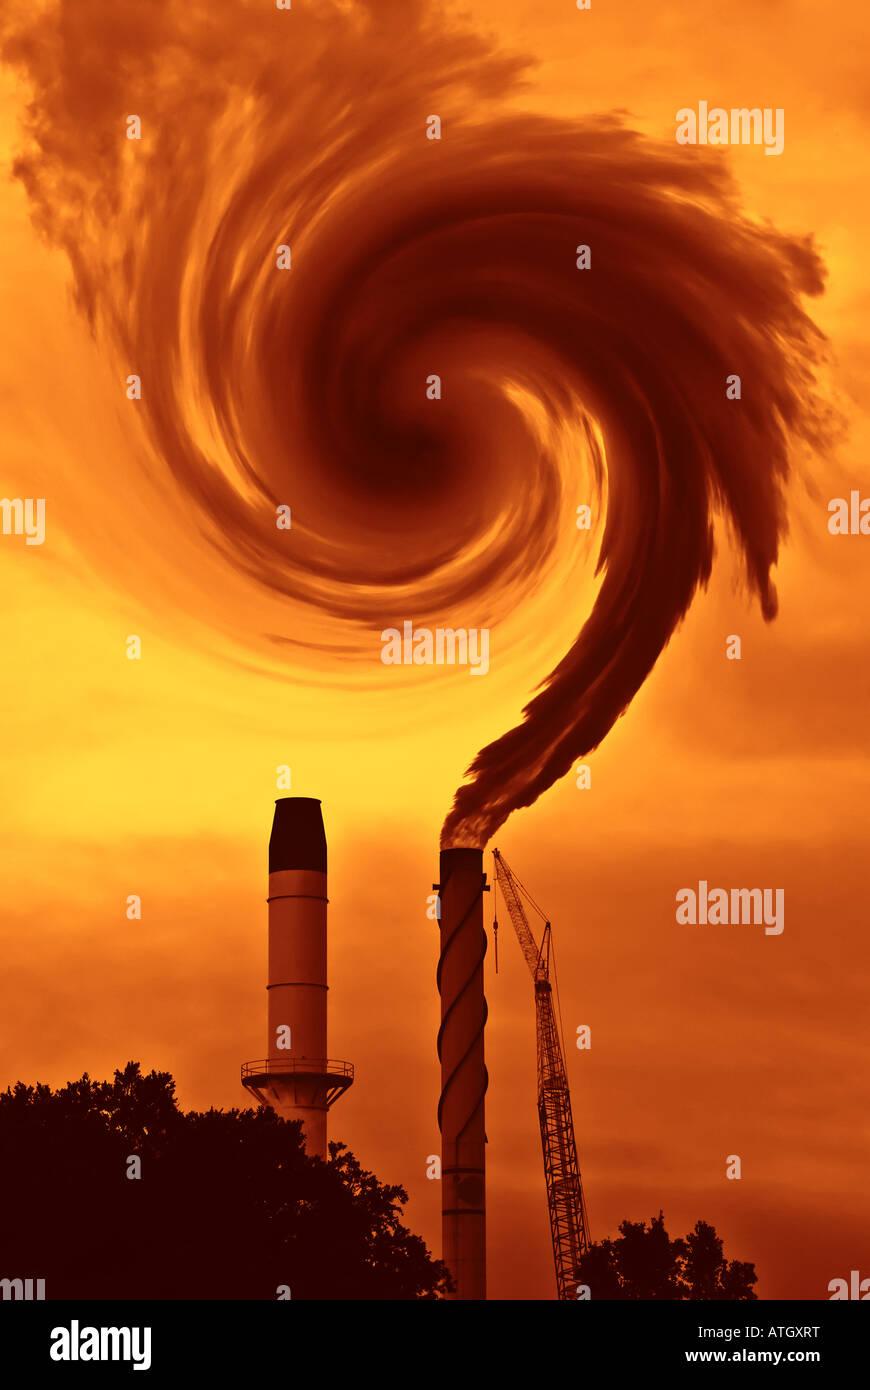 La question du réchauffement planétaire ou du changement climatique avec la fumée d'usine en Photo Stock